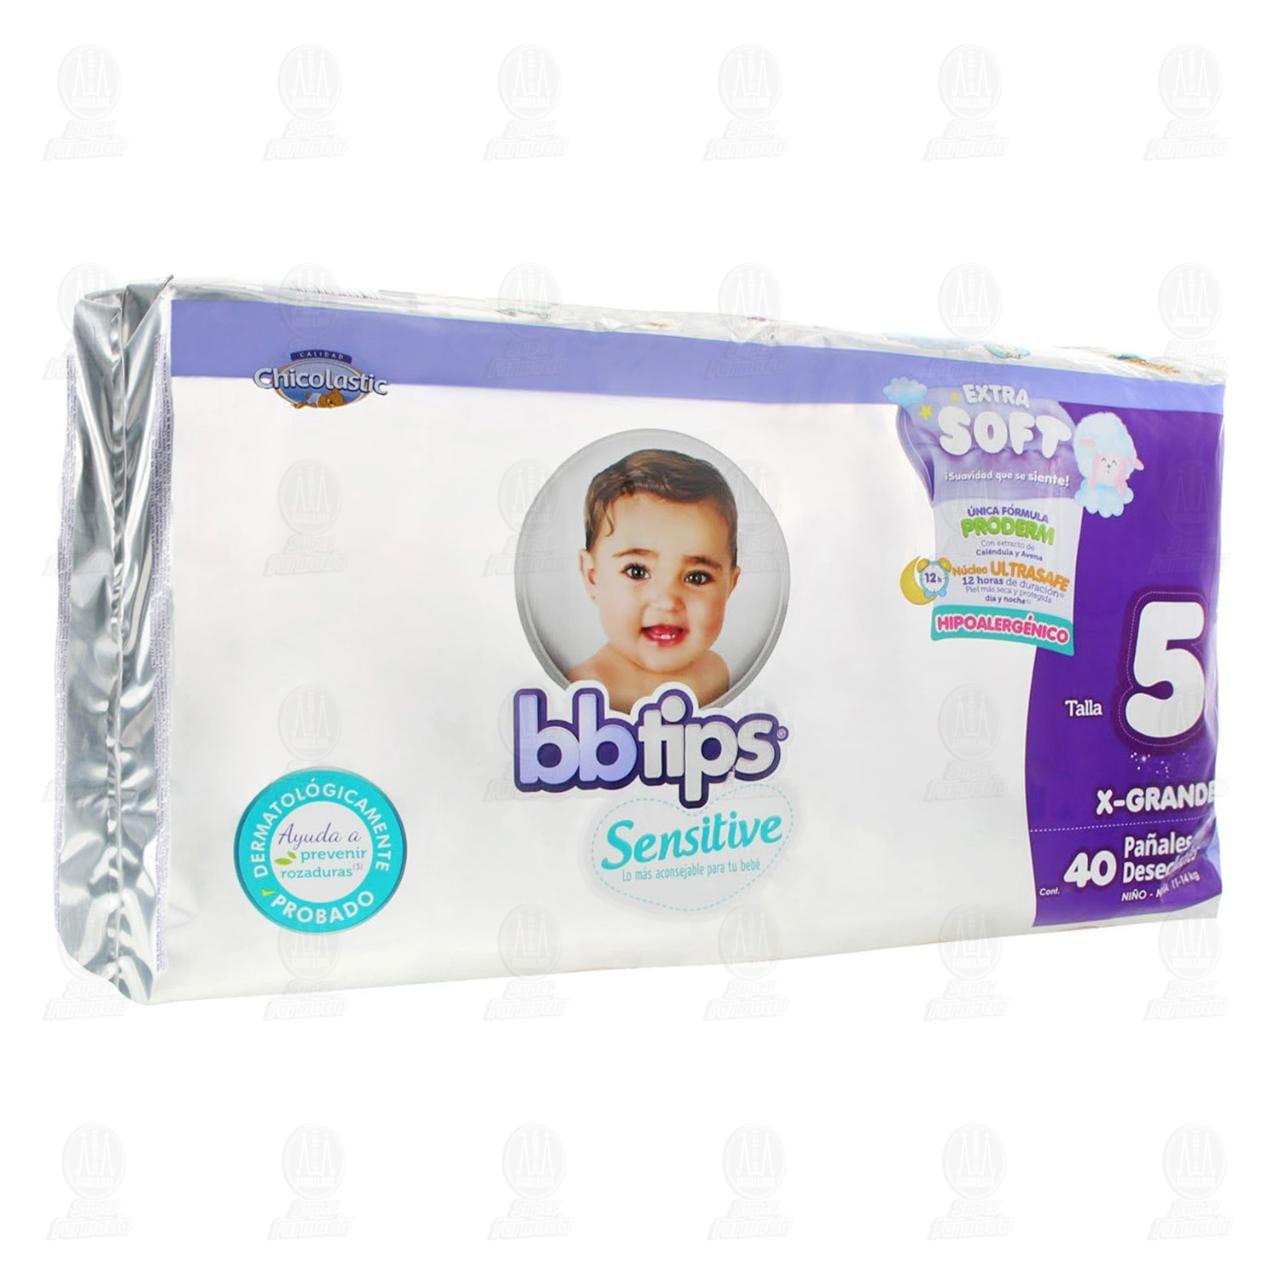 Comprar Pañales para Bebé Bbtips Sensitive Desechables Talla 5 XG, 40 pzas. en Farmacias Guadalajara